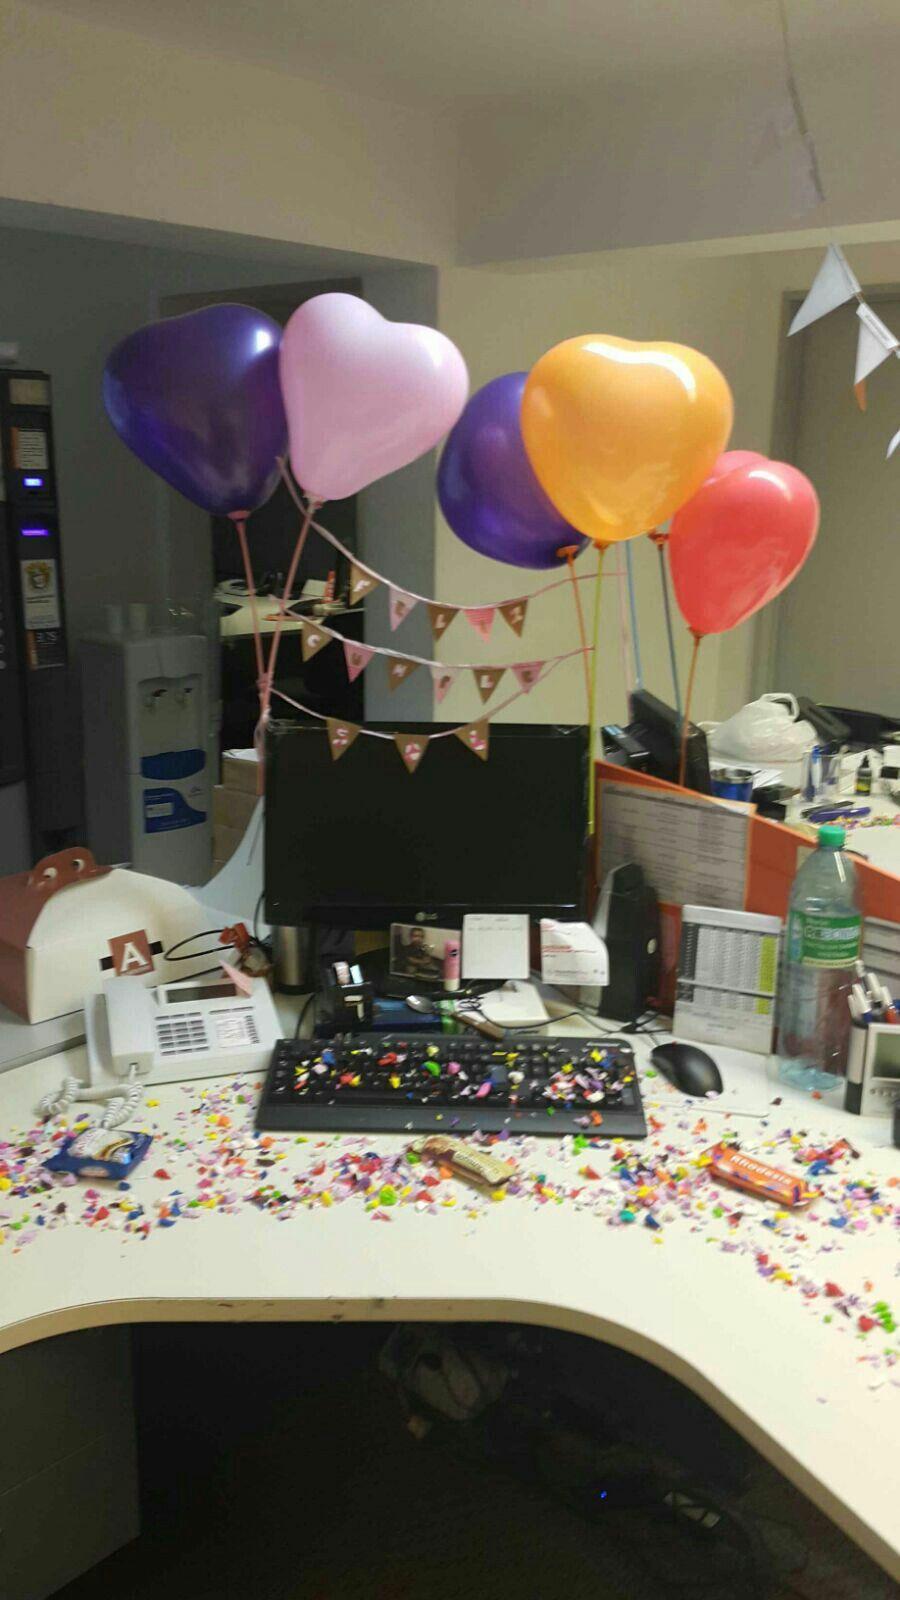 Cumplea os decoracion oficina cumplea os deco oficina - Decoracion de oficinas ...